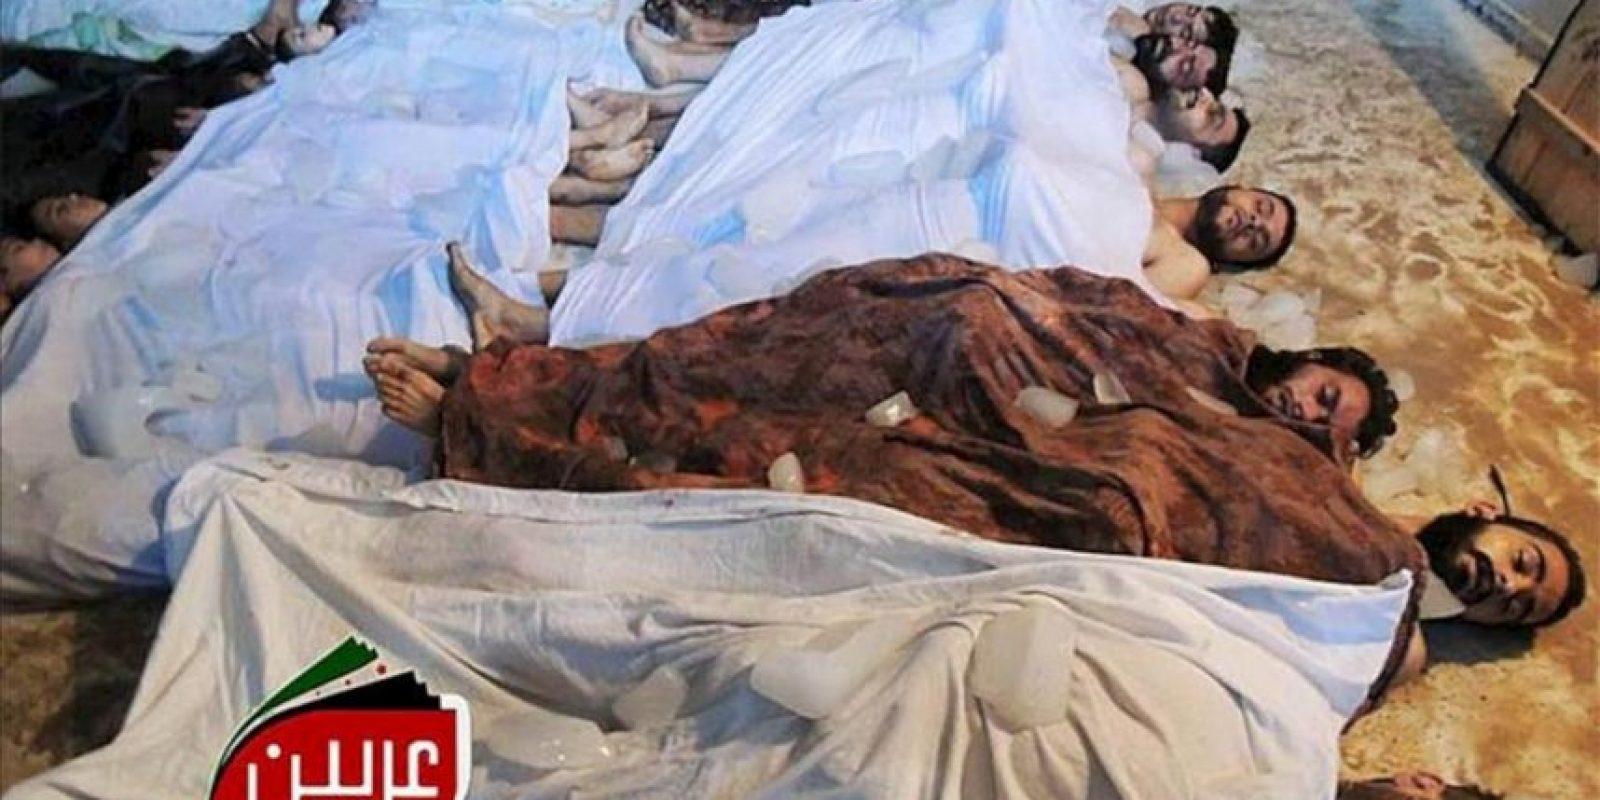 Fotografía facilitada por el Comité Local de Arbeen que muestra los cuerpos sin vida de varios sirios tras un supuesto ataque con gases tóxicos en Arbeen a las afueras de Damasco (Siria), el paado miércoles. EFE